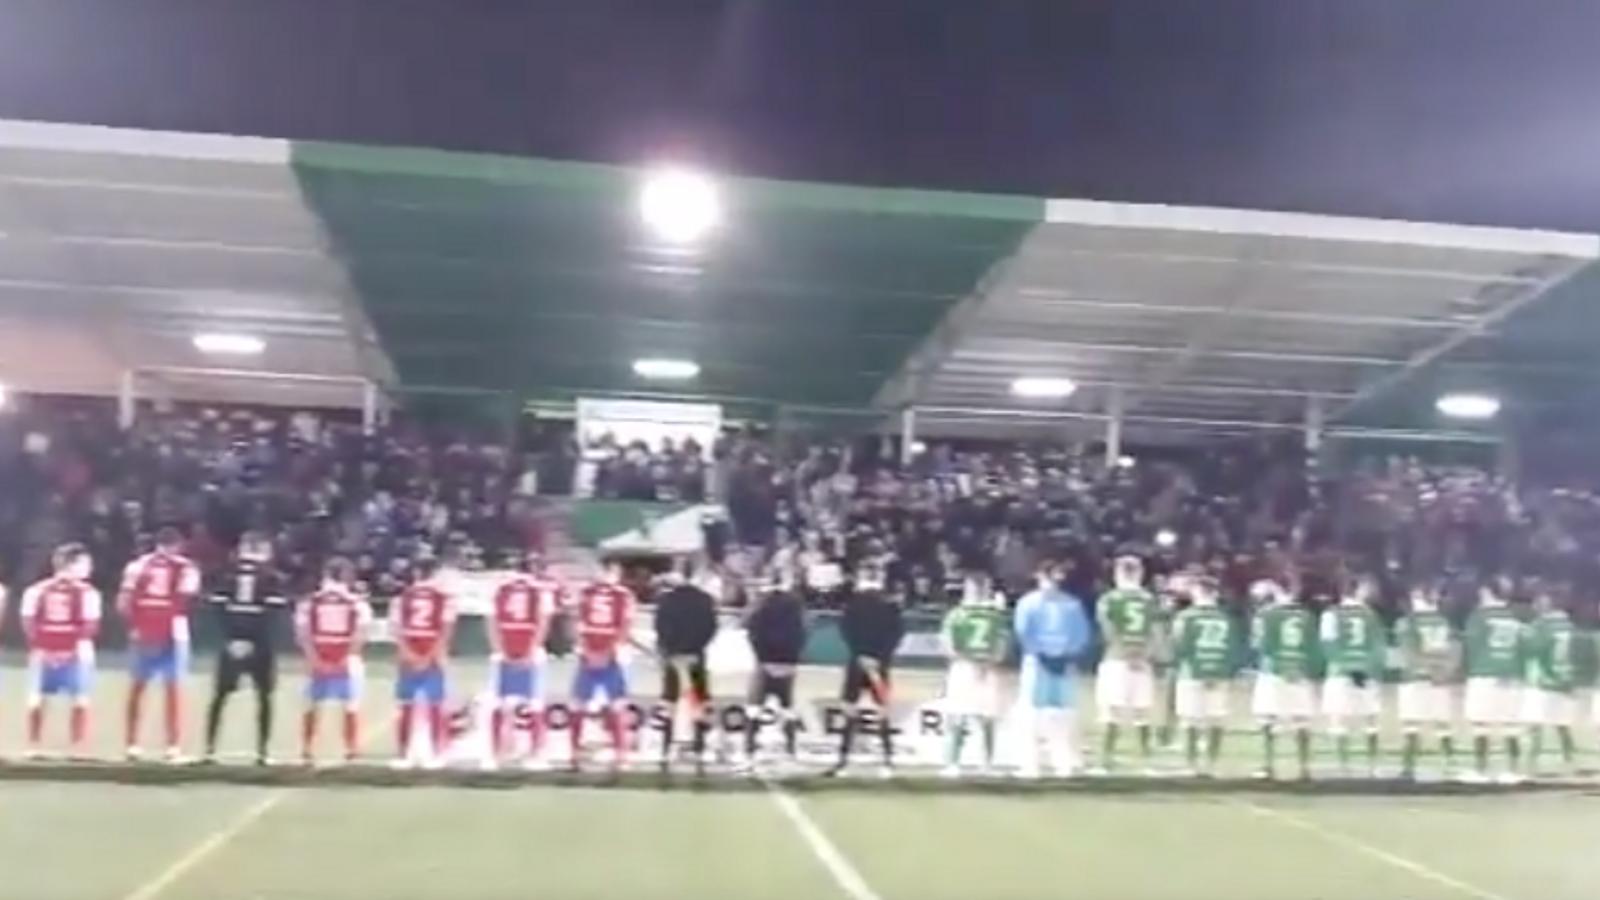 Sona l'himne franquista en el camp del rival del Mallorca en la Copa del Rei